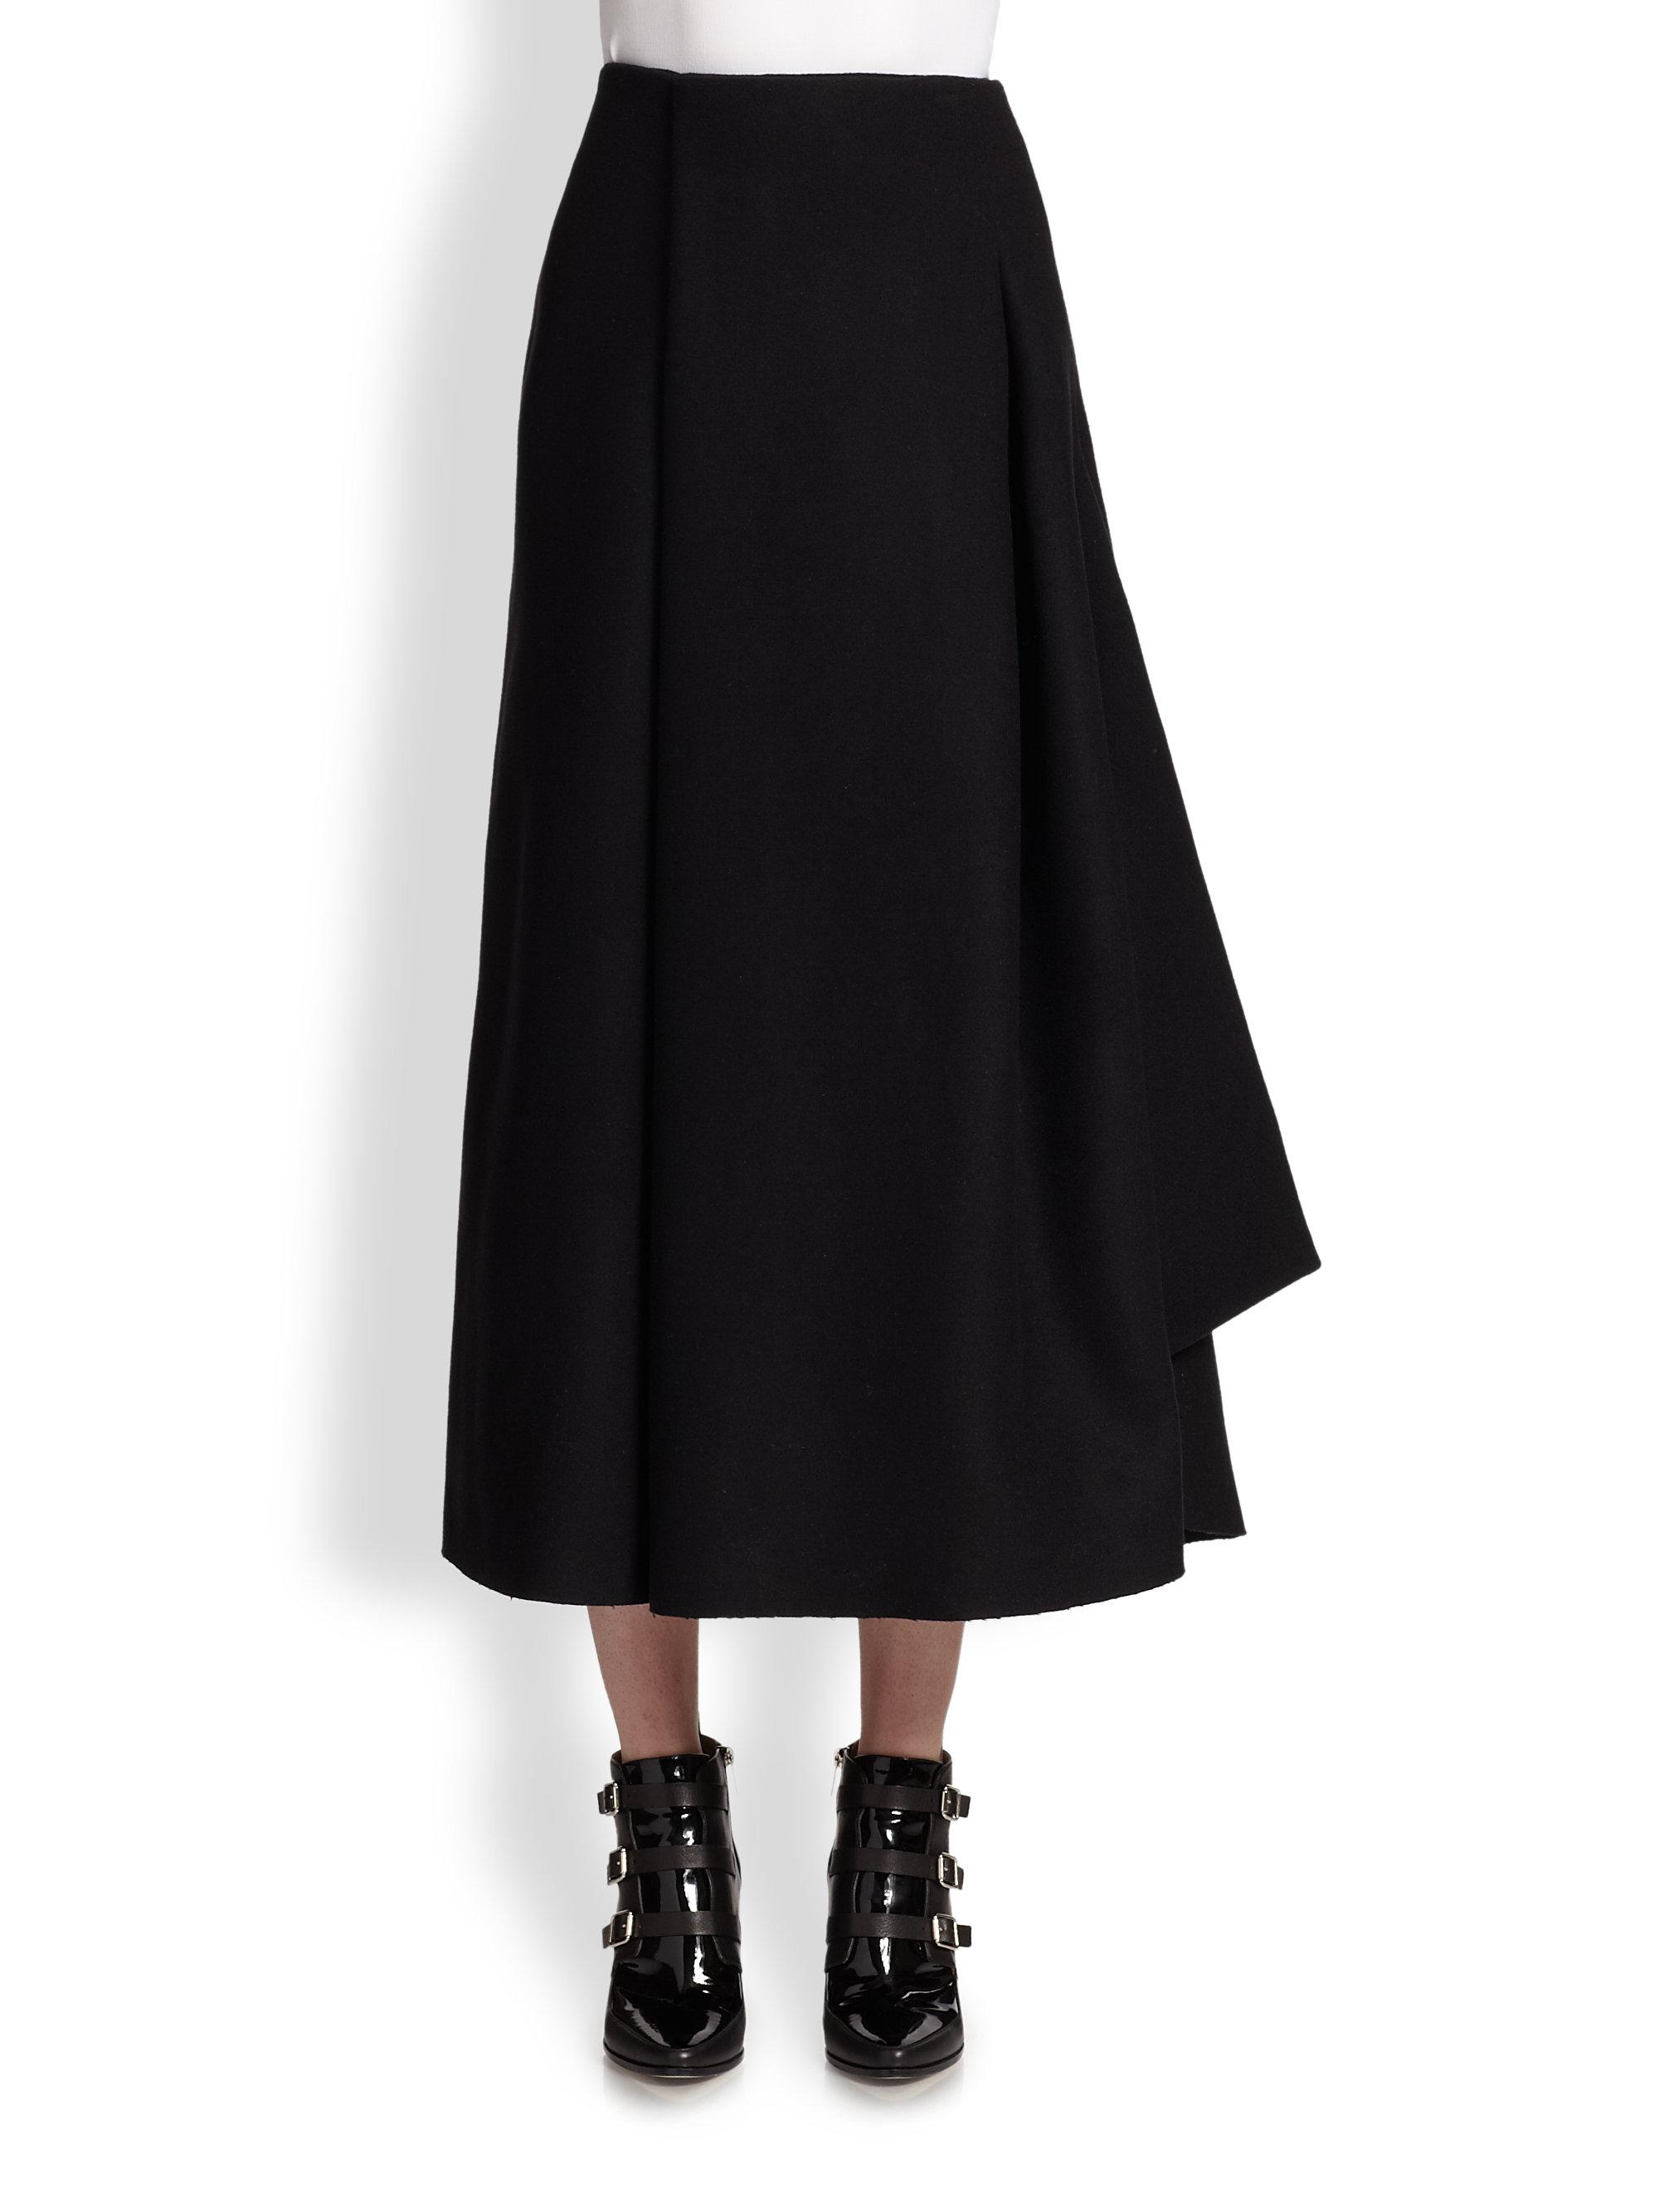 J.w.anderson Wool Sail Midi Skirt in Black | Lyst